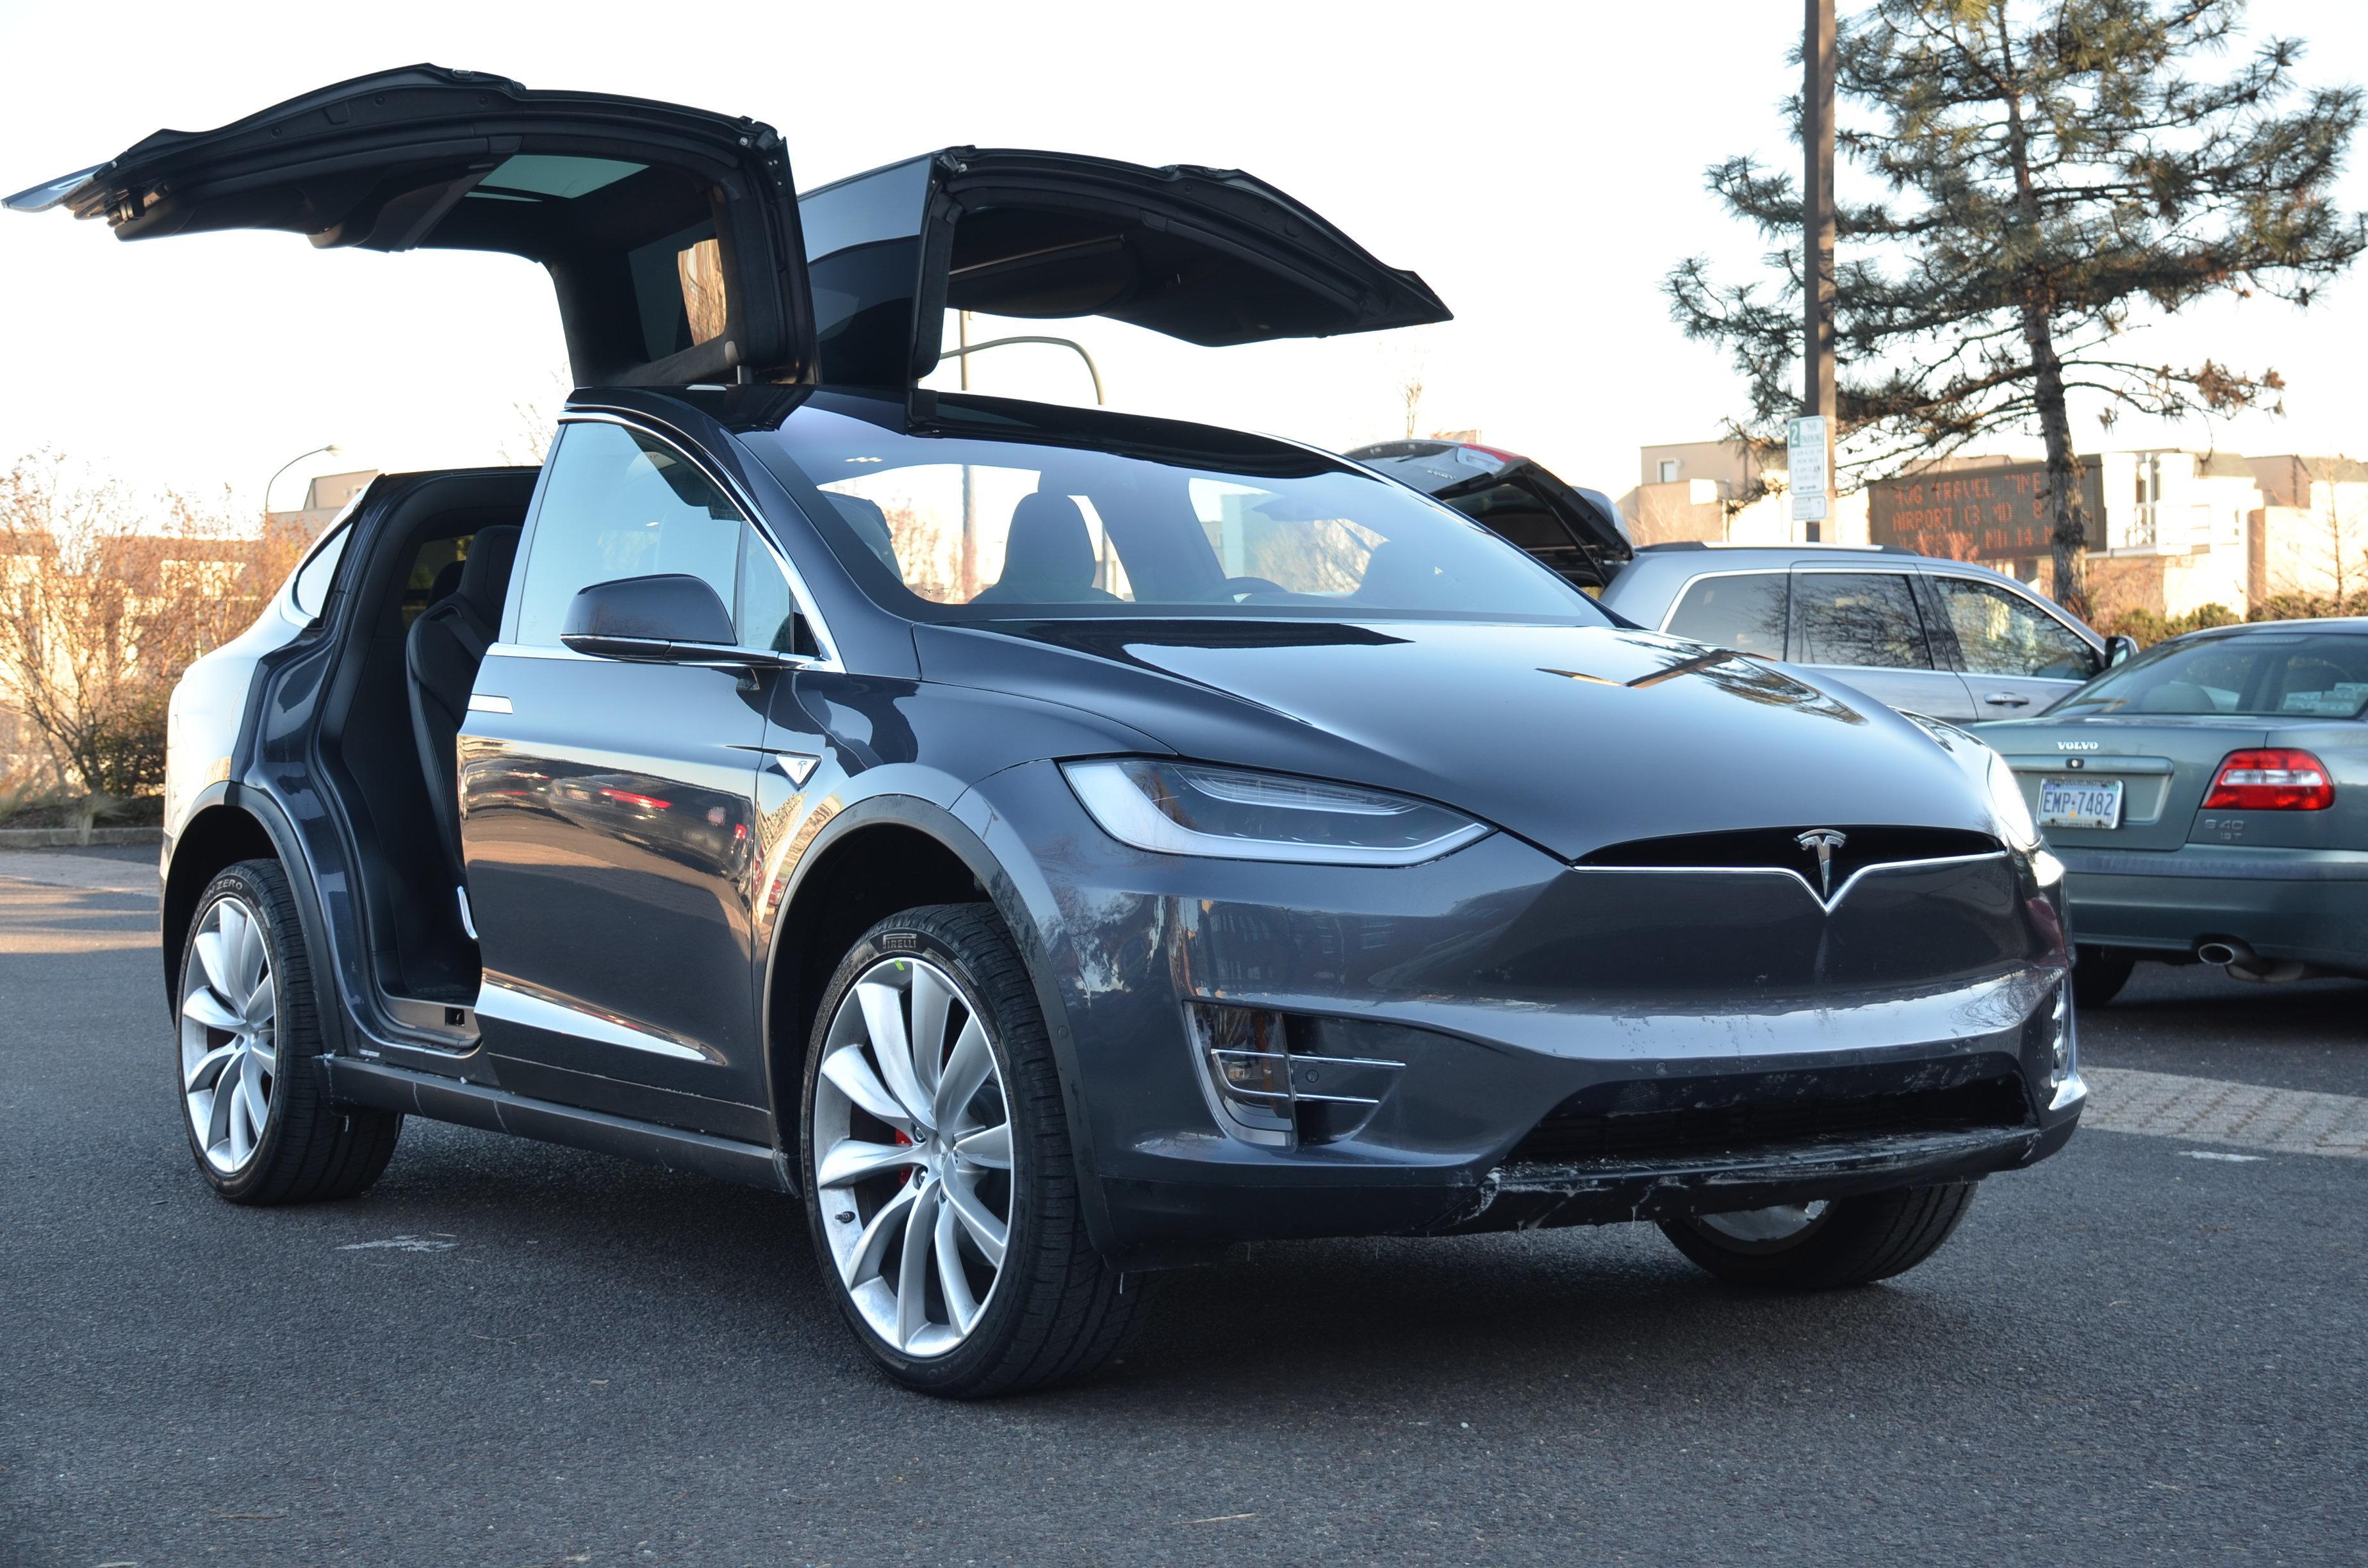 Авто Model-X Тесла с поднятыми дверями